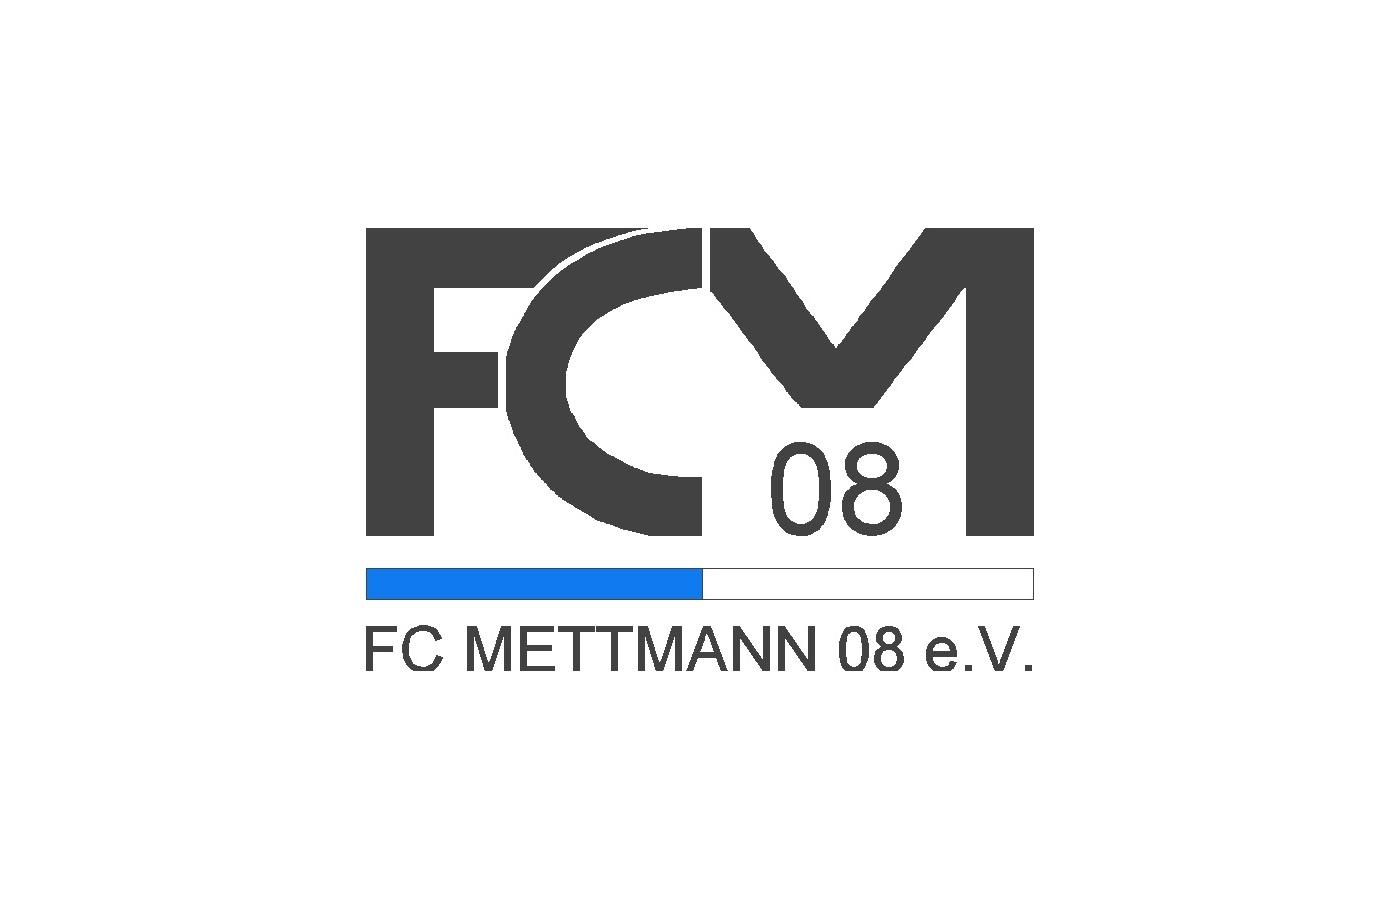 2013 10 04 FCM08 ohne Rahmen white bg 900x900